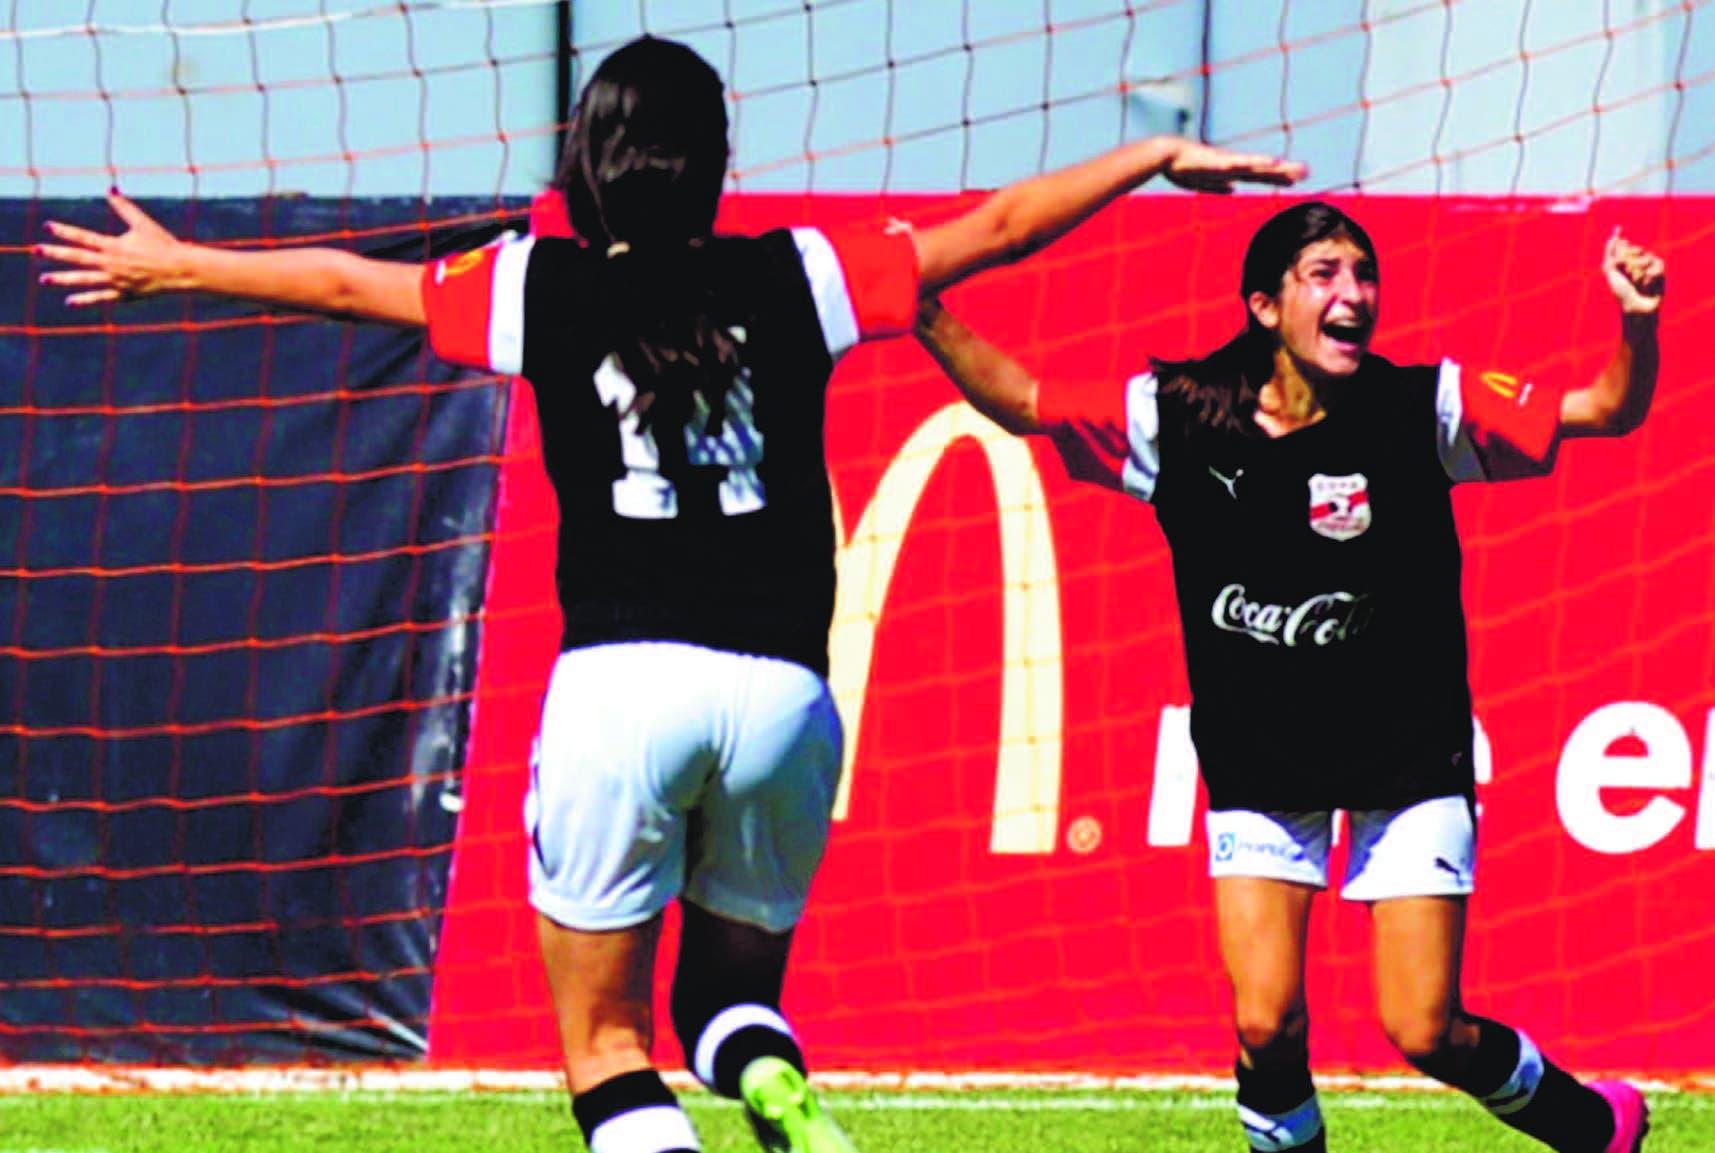 CAROL MORGAN Campeón en fútbol femenino